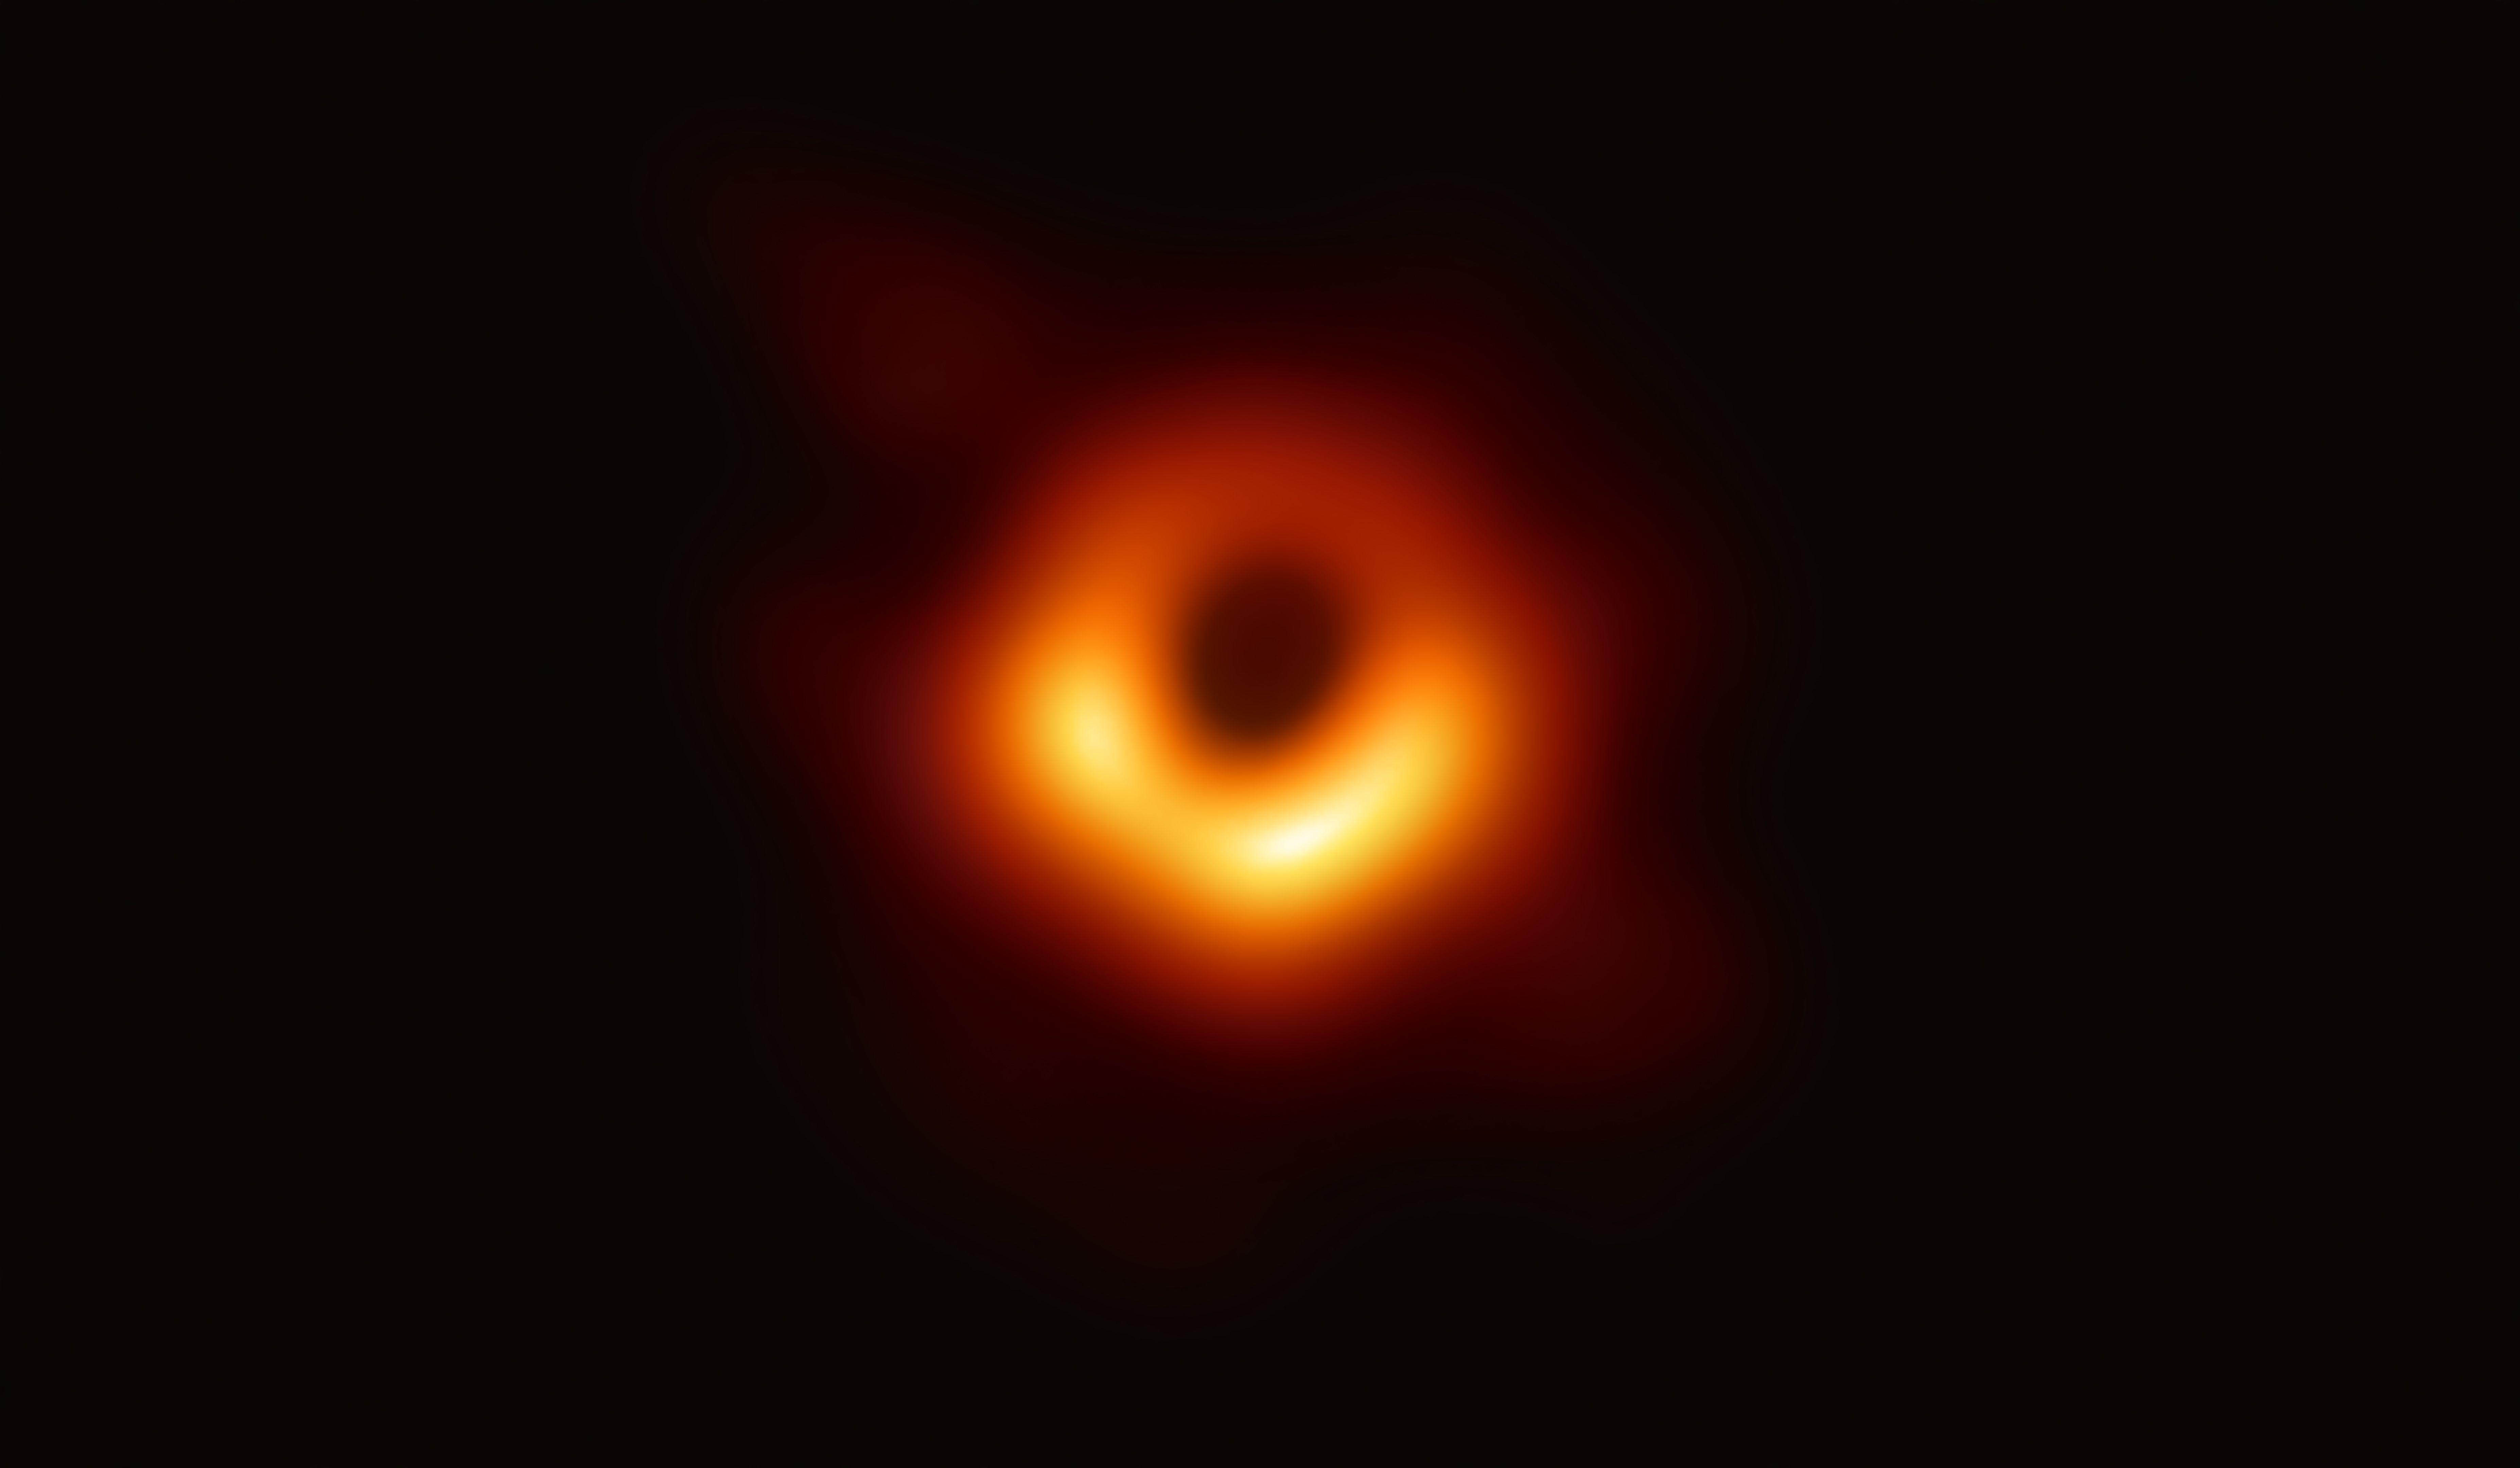 scanpix-20190905-181534-4.jpg